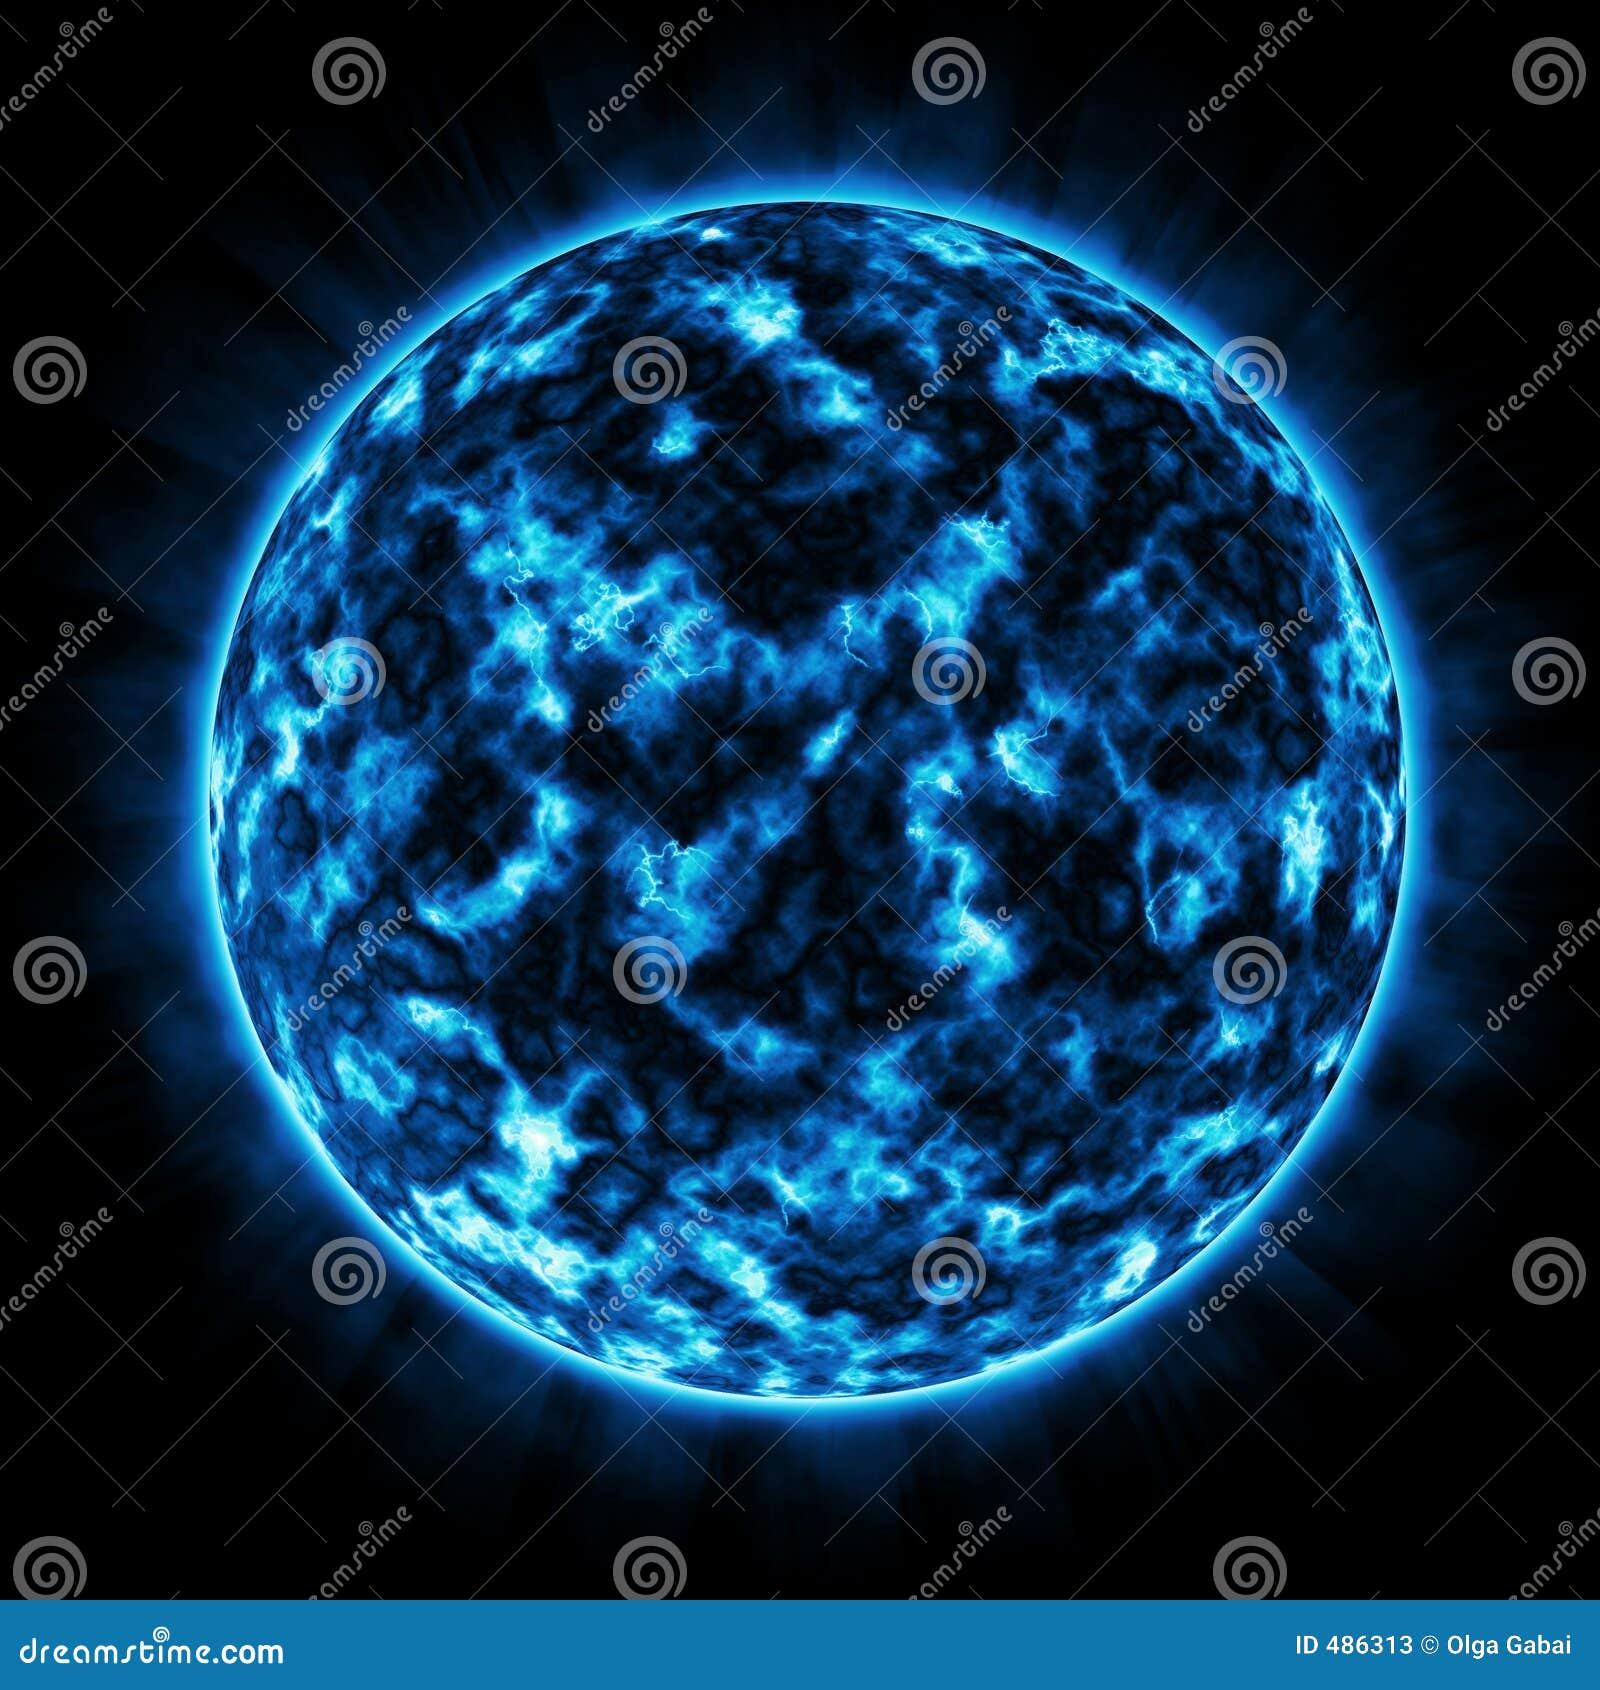 Pin Azul-oscuro-fondos-de-pantalla-nubes-color-fotos On